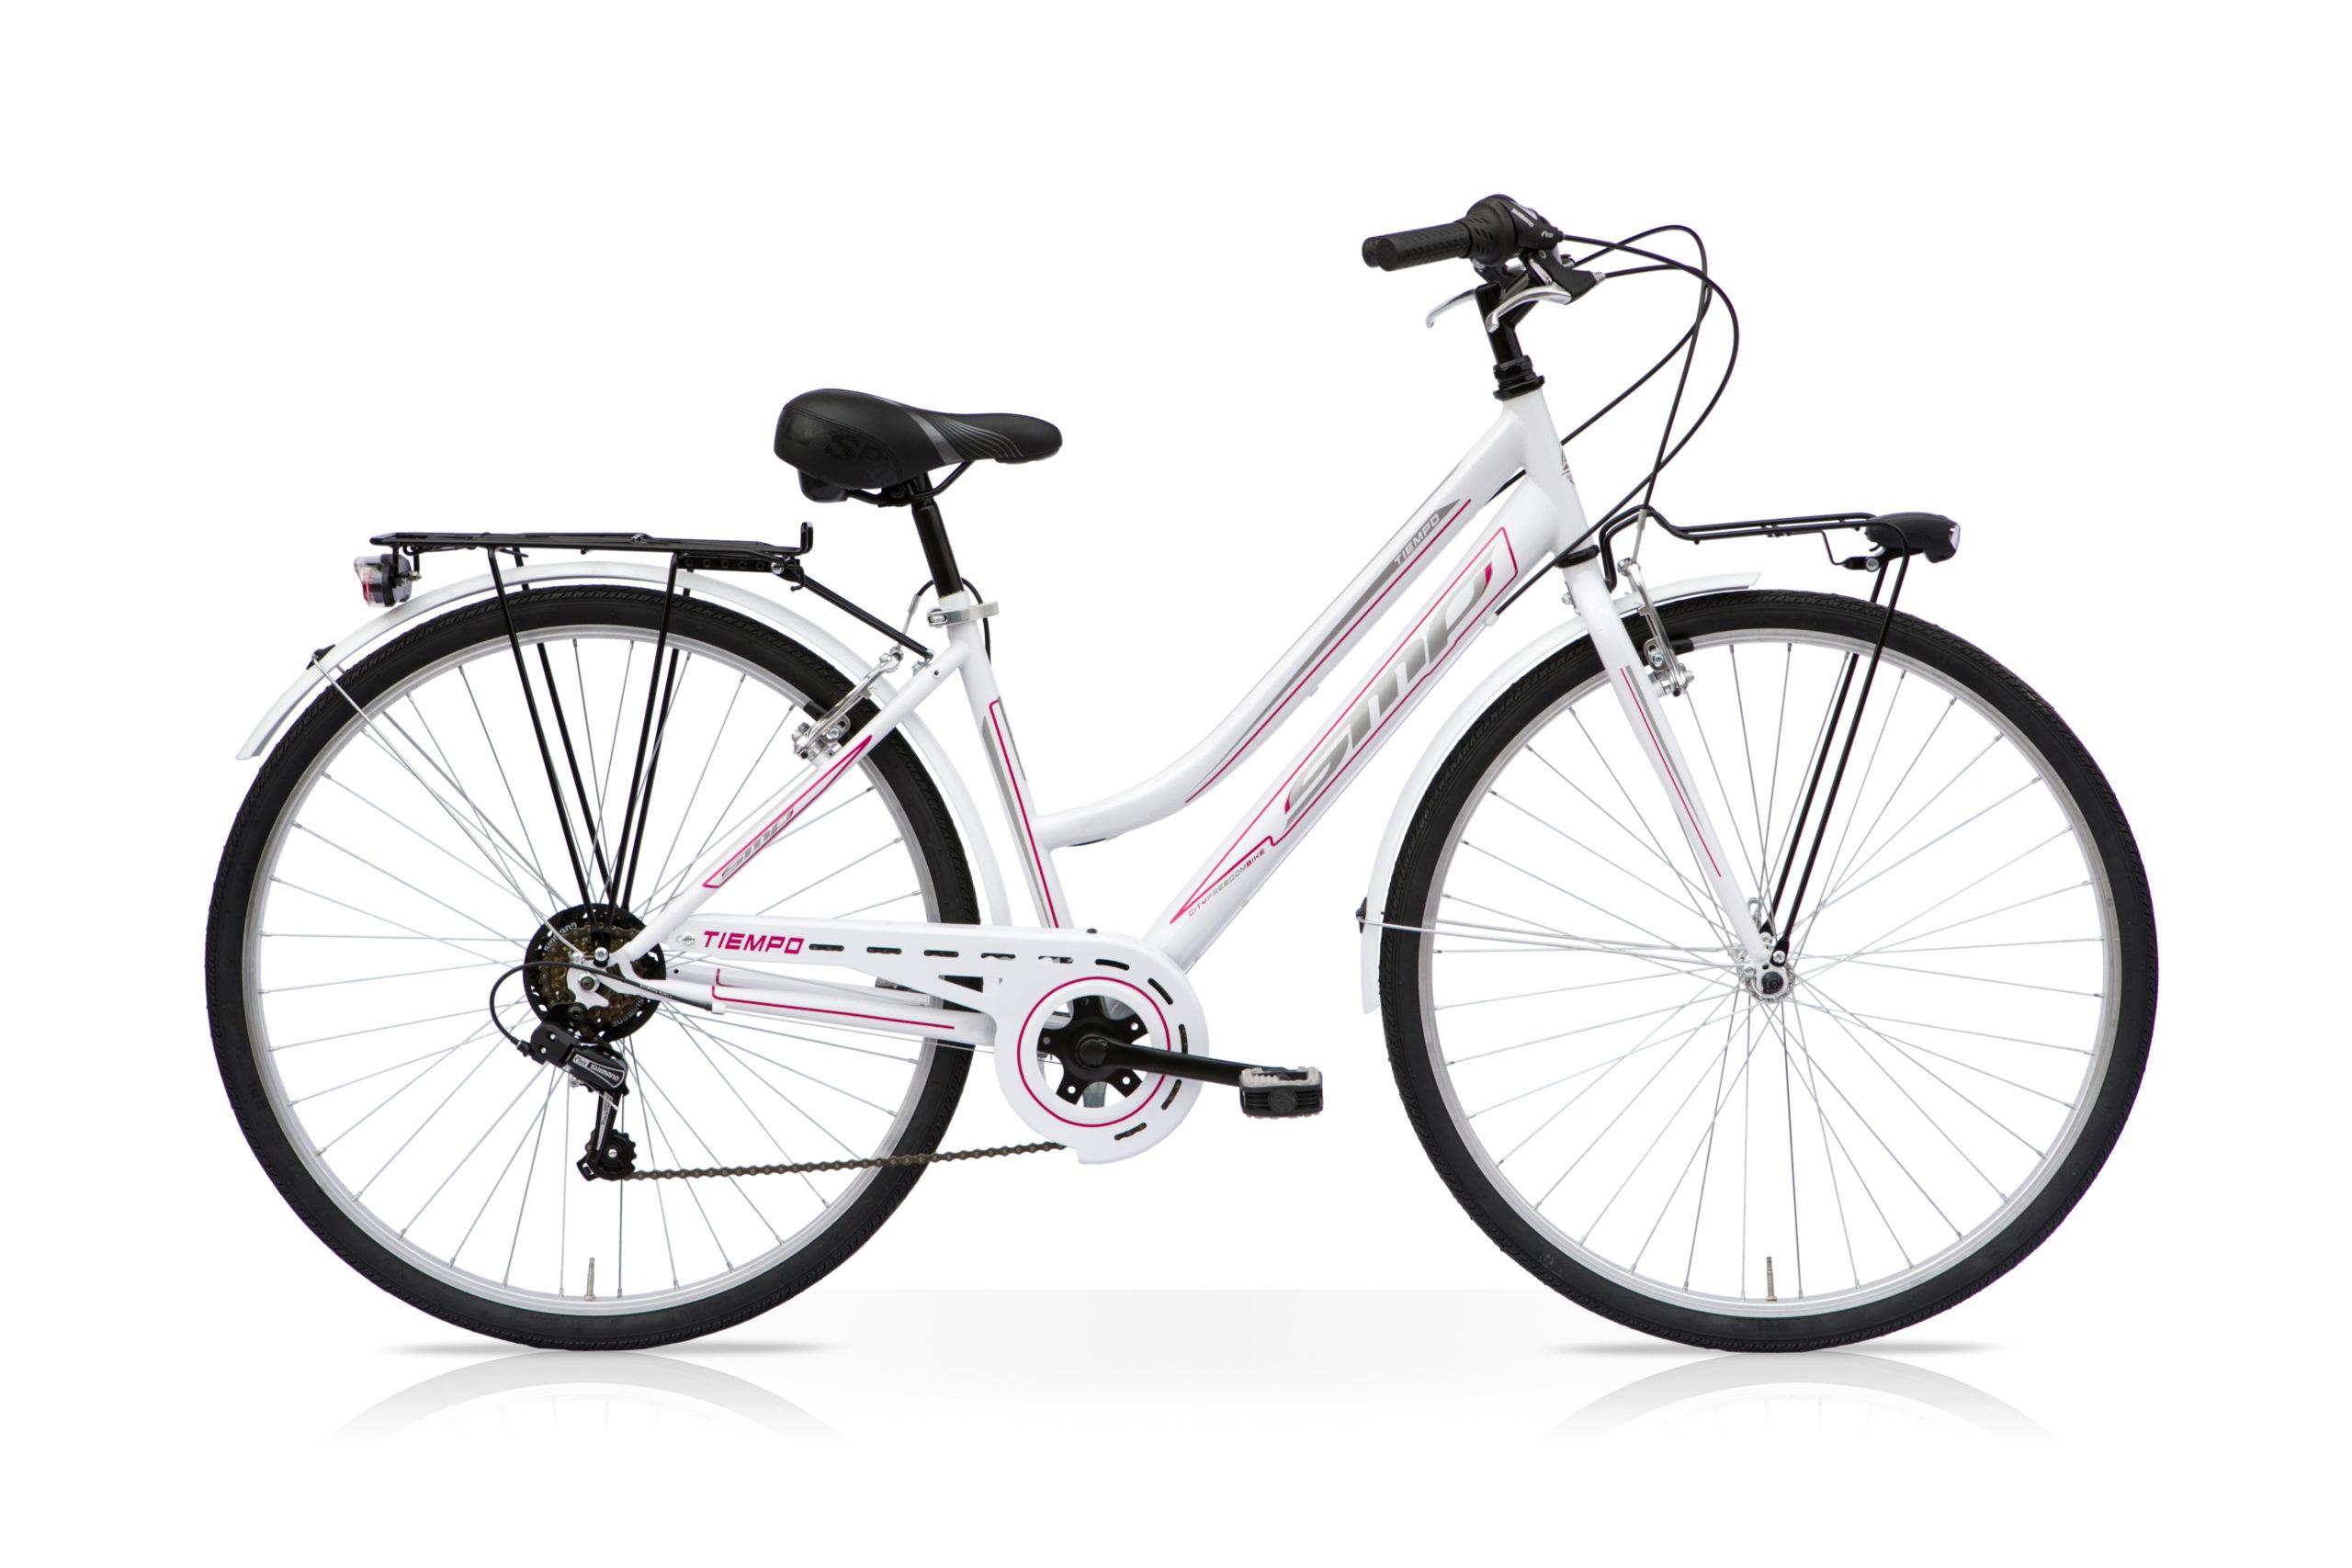 bici citybike sempion tiempo